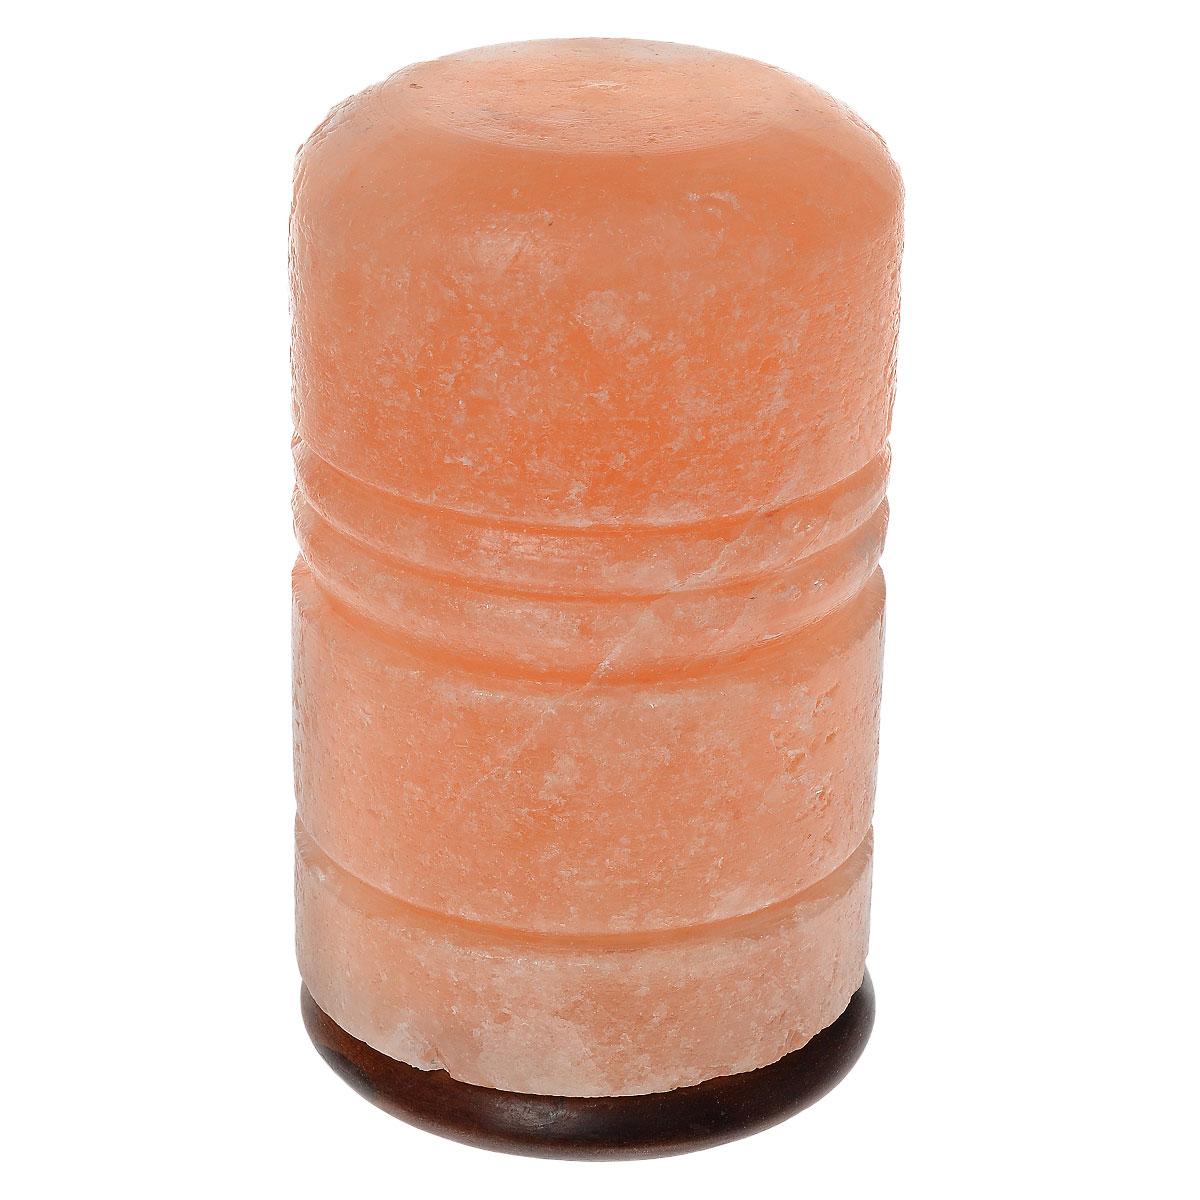 Солевая лампа Zenet Римский столб, 3-5 кг2400Солевая лампа Zenet - это уникальный прибор, который станет изюминкой вашего интерьера, благотворно повлияет на организм и очистит воздух в помещении. Материал плафона лампы - натуральная каменная соль из Пакистана (самая древняя на планете). Внутри расположена обычная электрическая лампа мощностью 15 ватт. Будучи включенной, лампочка нагревает окружающий ее кристалл, благодаря чему в помещении ощутимо увеличивается количество отрицательных ионов, благотворно влияющих на самочувствие и здоровье человека. Таким образом, солевая лампа является естественным ионизатором воздуха. При этом благородный красноватый оттенок кристалла создает очень теплое, загадочное свечение. Благодаря особенностям строения кристаллической решетки соль нейтрализует вредное влияние электромагнитного излучения, производимого работой бытовой и промышленной техники. Солевая лампа благотворно влияет на здоровье, укрепляет иммунитет и повышает жизненный тонус, гармонизирует психику. Кристаллическая...